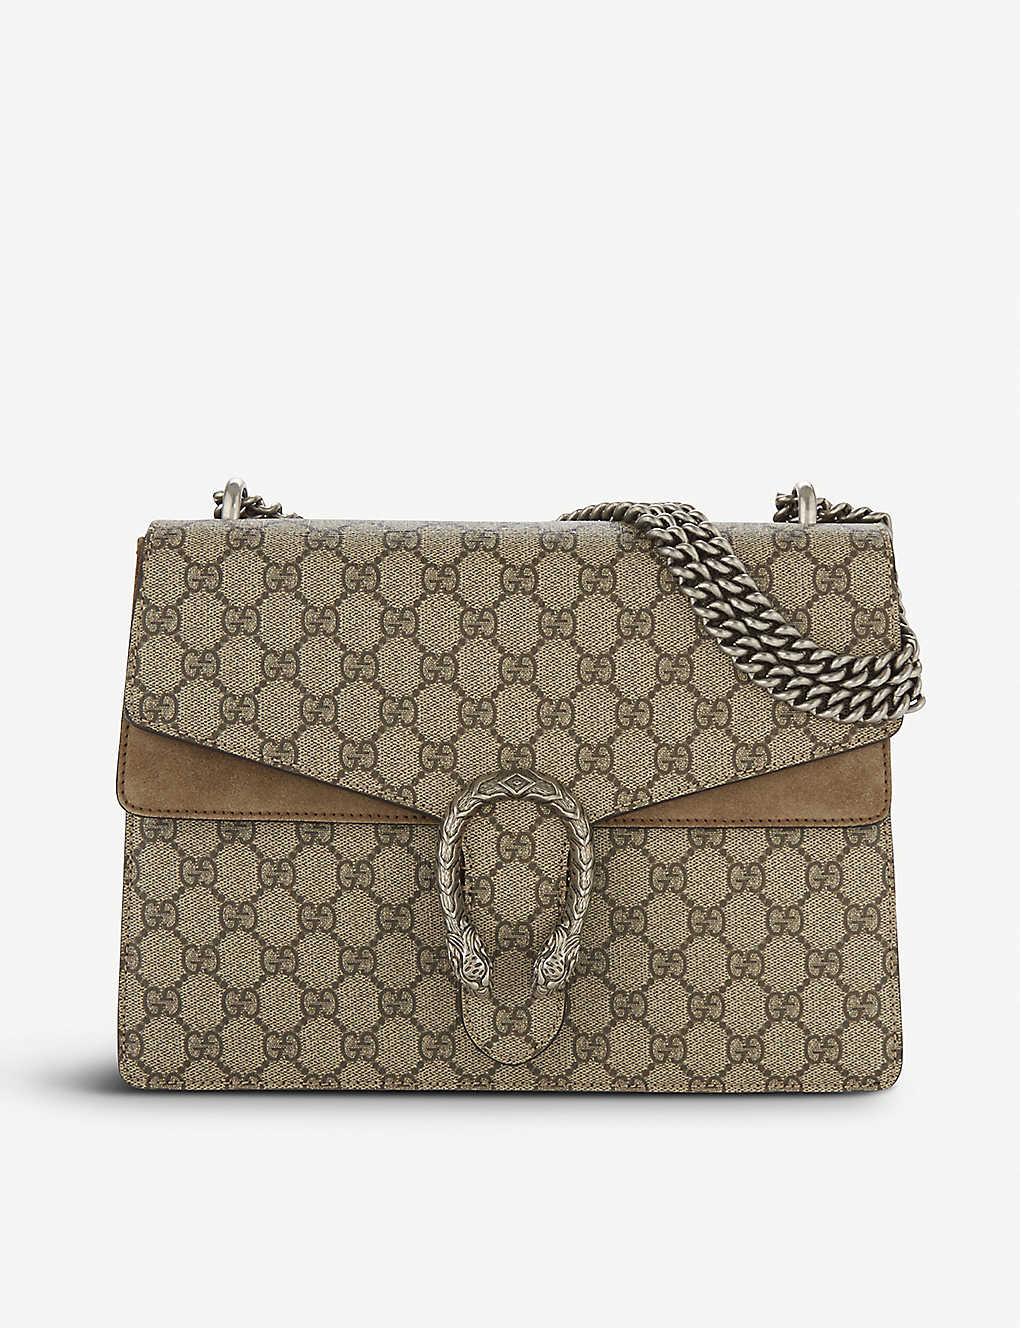 0a07beb52245 GUCCI - Dionysus medium GG Supreme shoulder bag | Selfridges.com